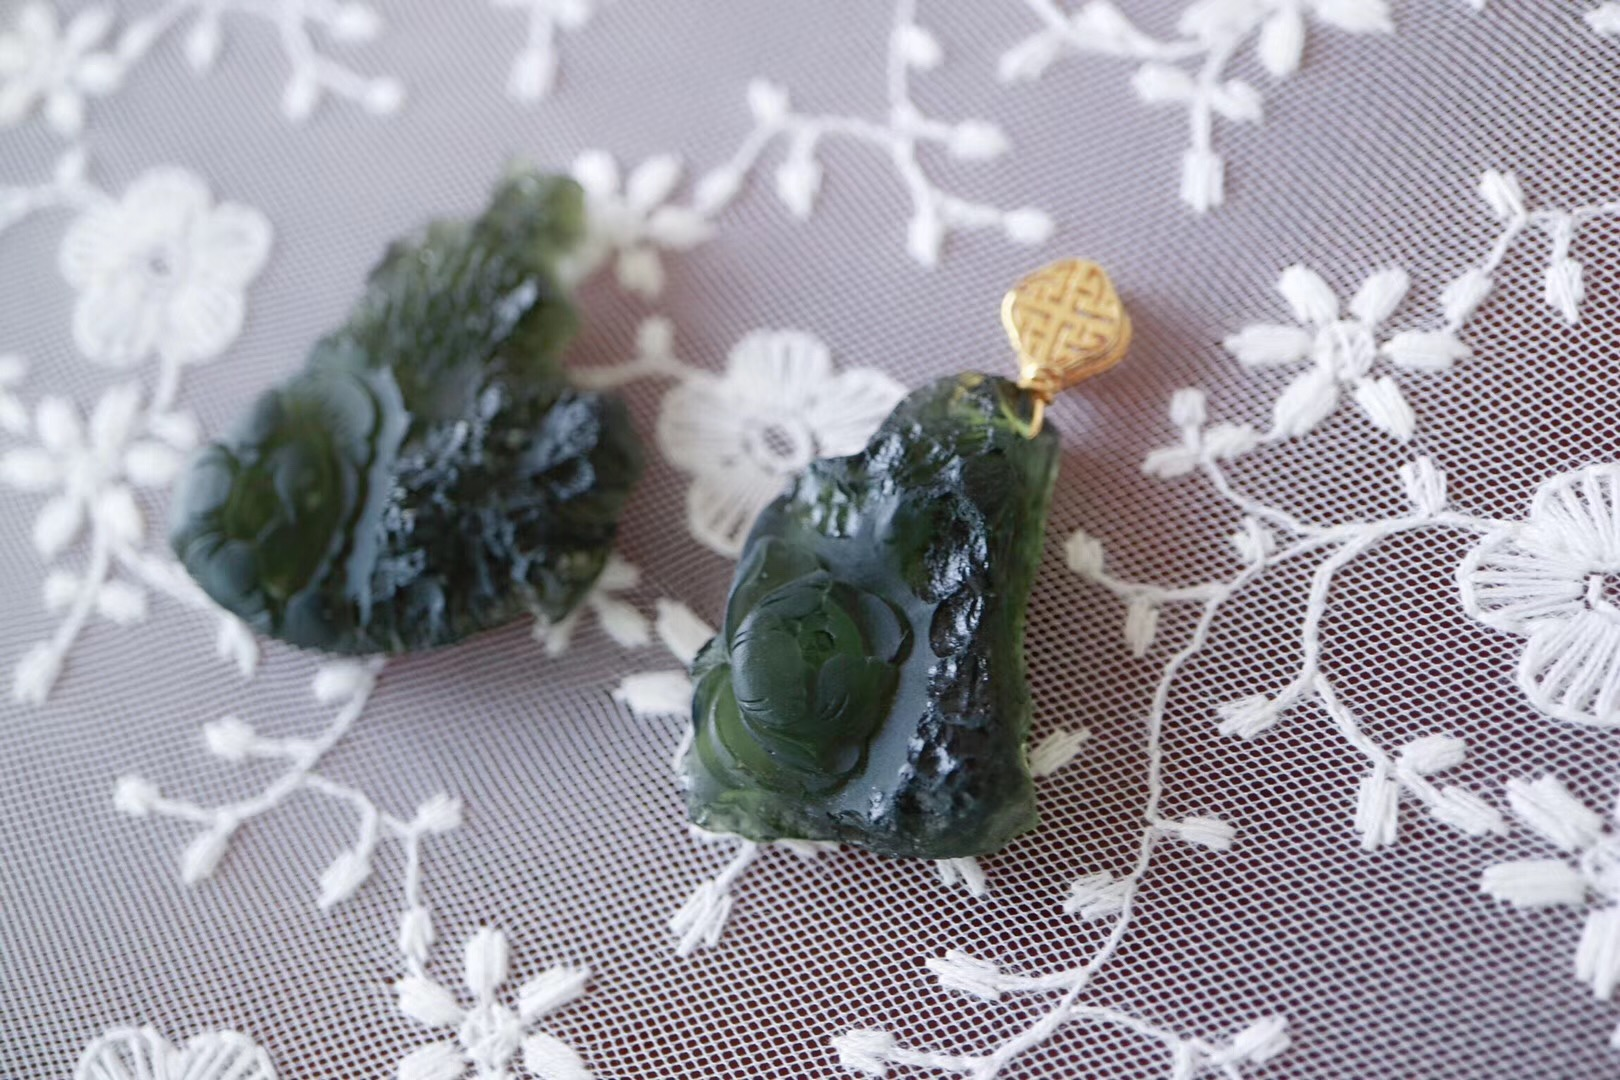 【菩心   捷克陨石】如花般绽放在光阴里-菩心晶舍